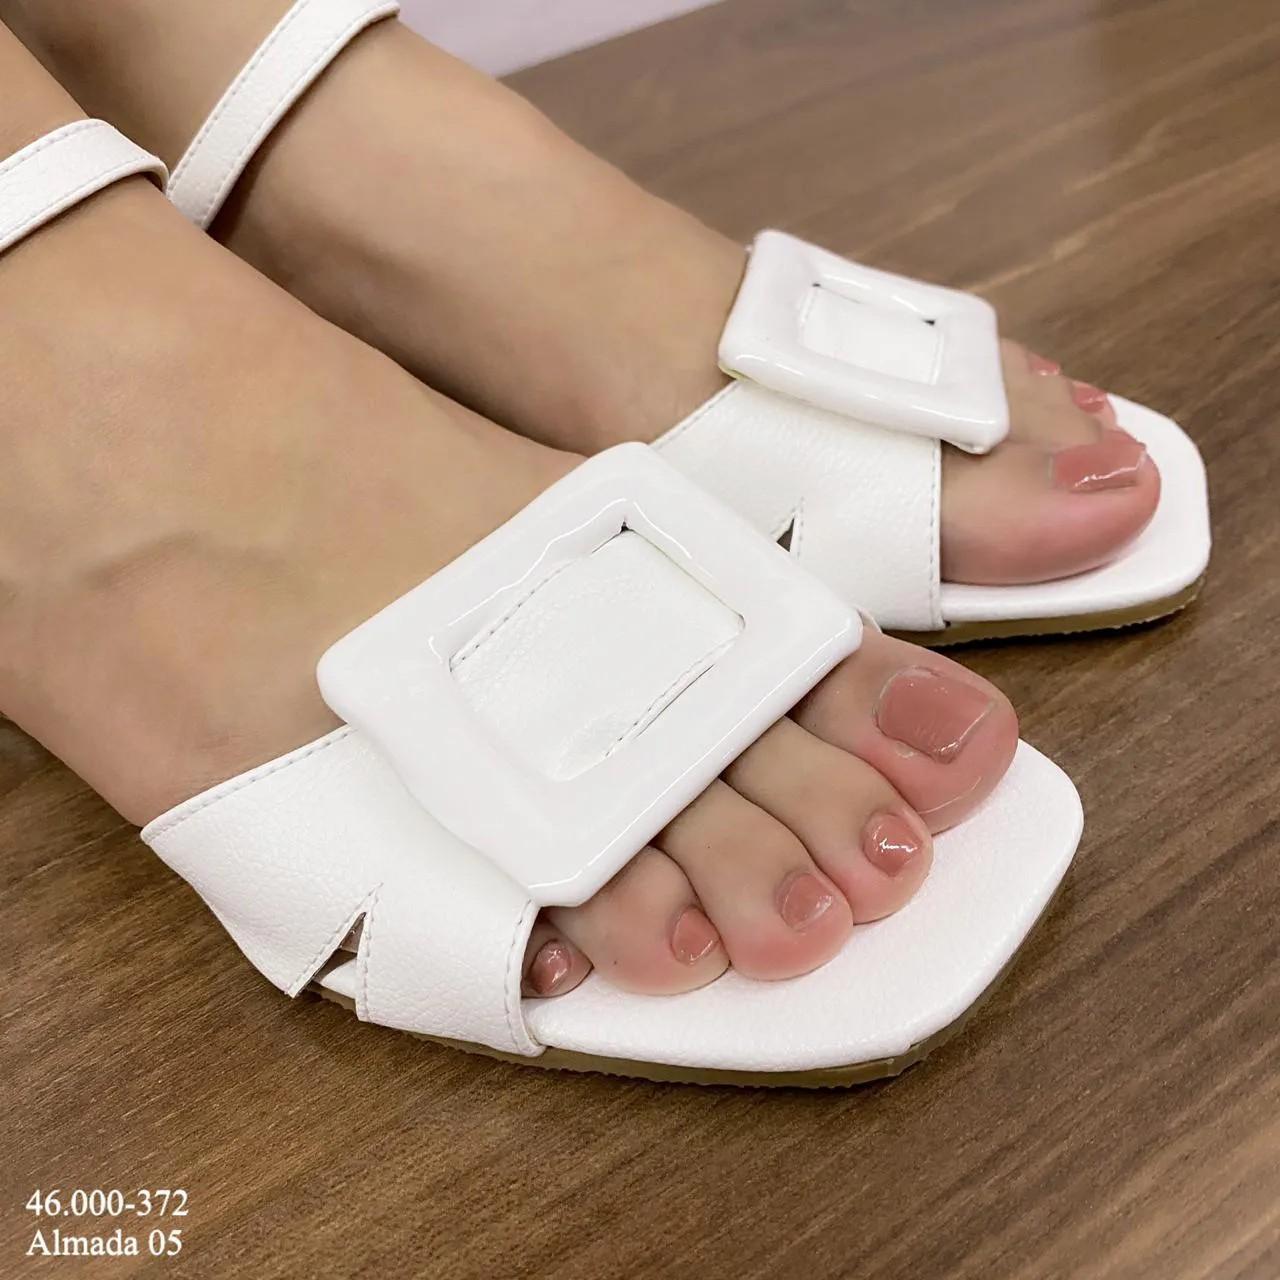 Sandália Branca Salto Baixo | D-46.000-372